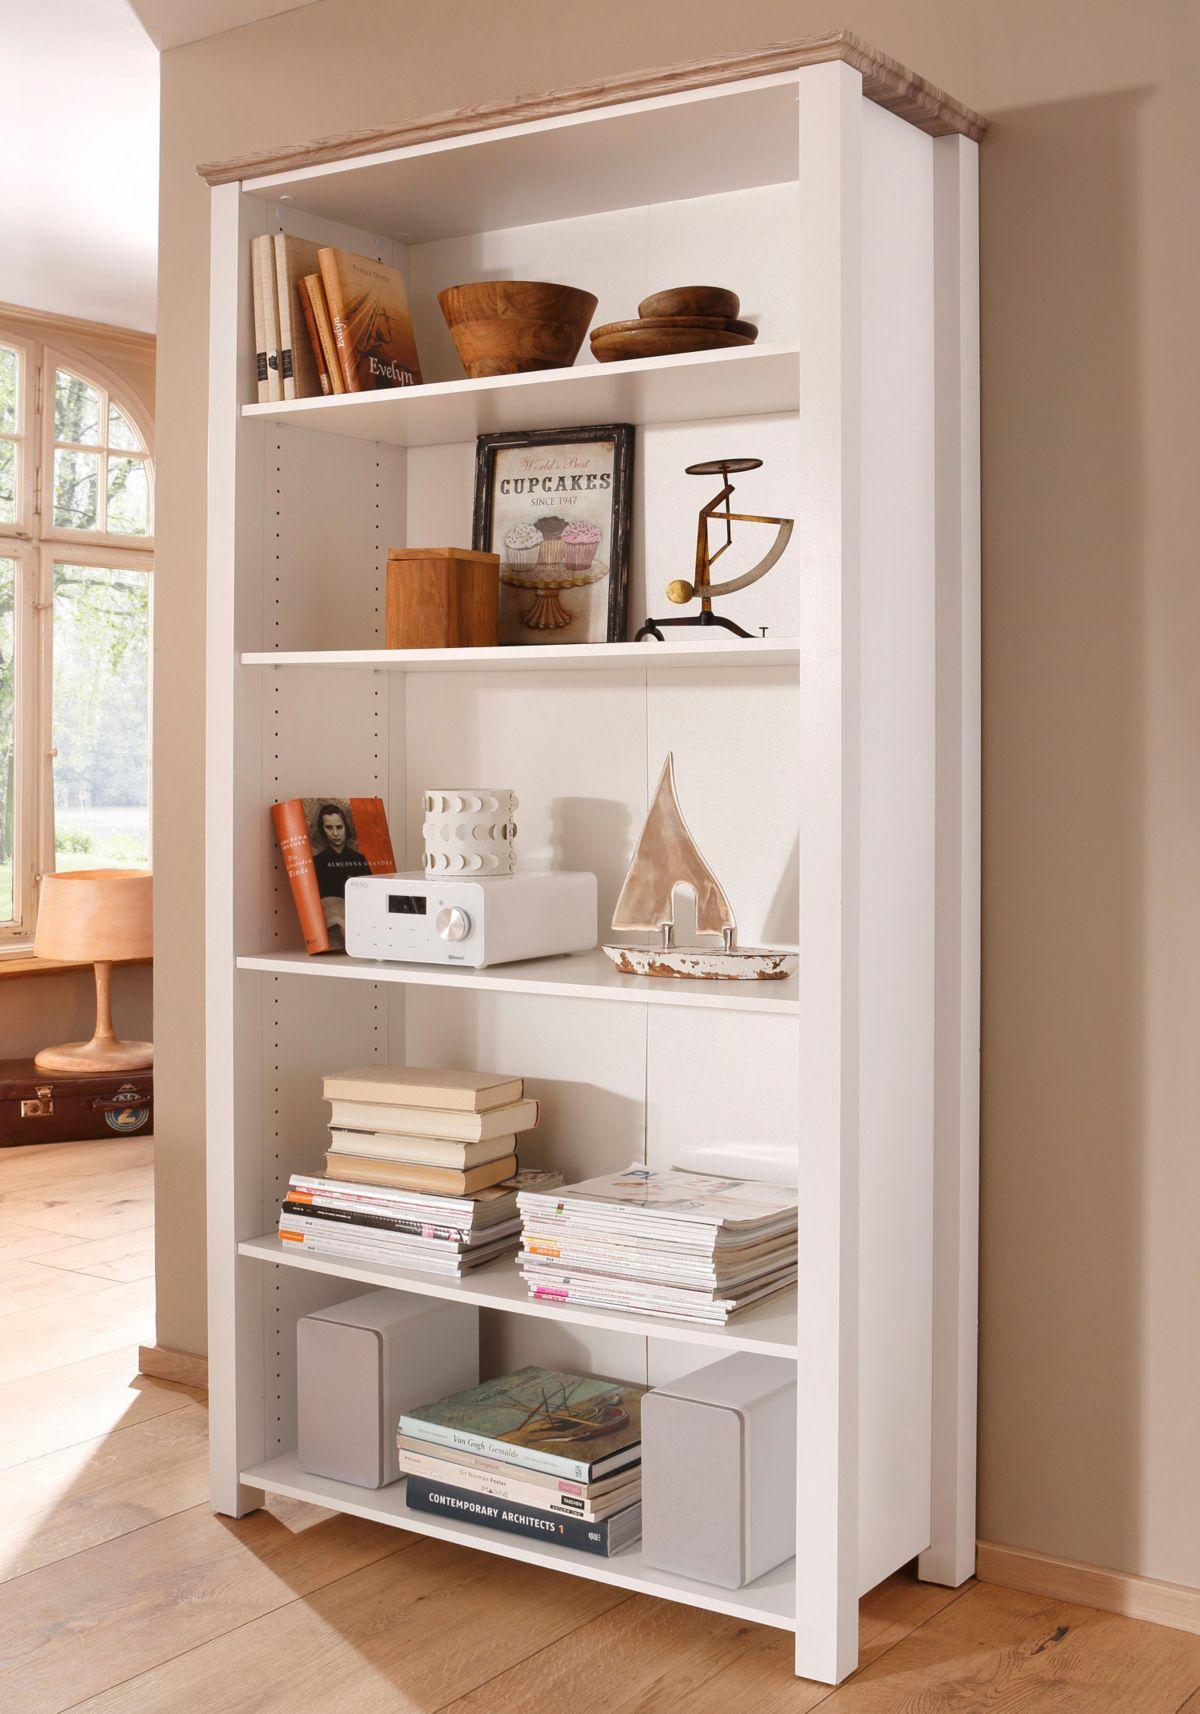 billig regal dvd cd rack medienregal medienschrank. Black Bedroom Furniture Sets. Home Design Ideas